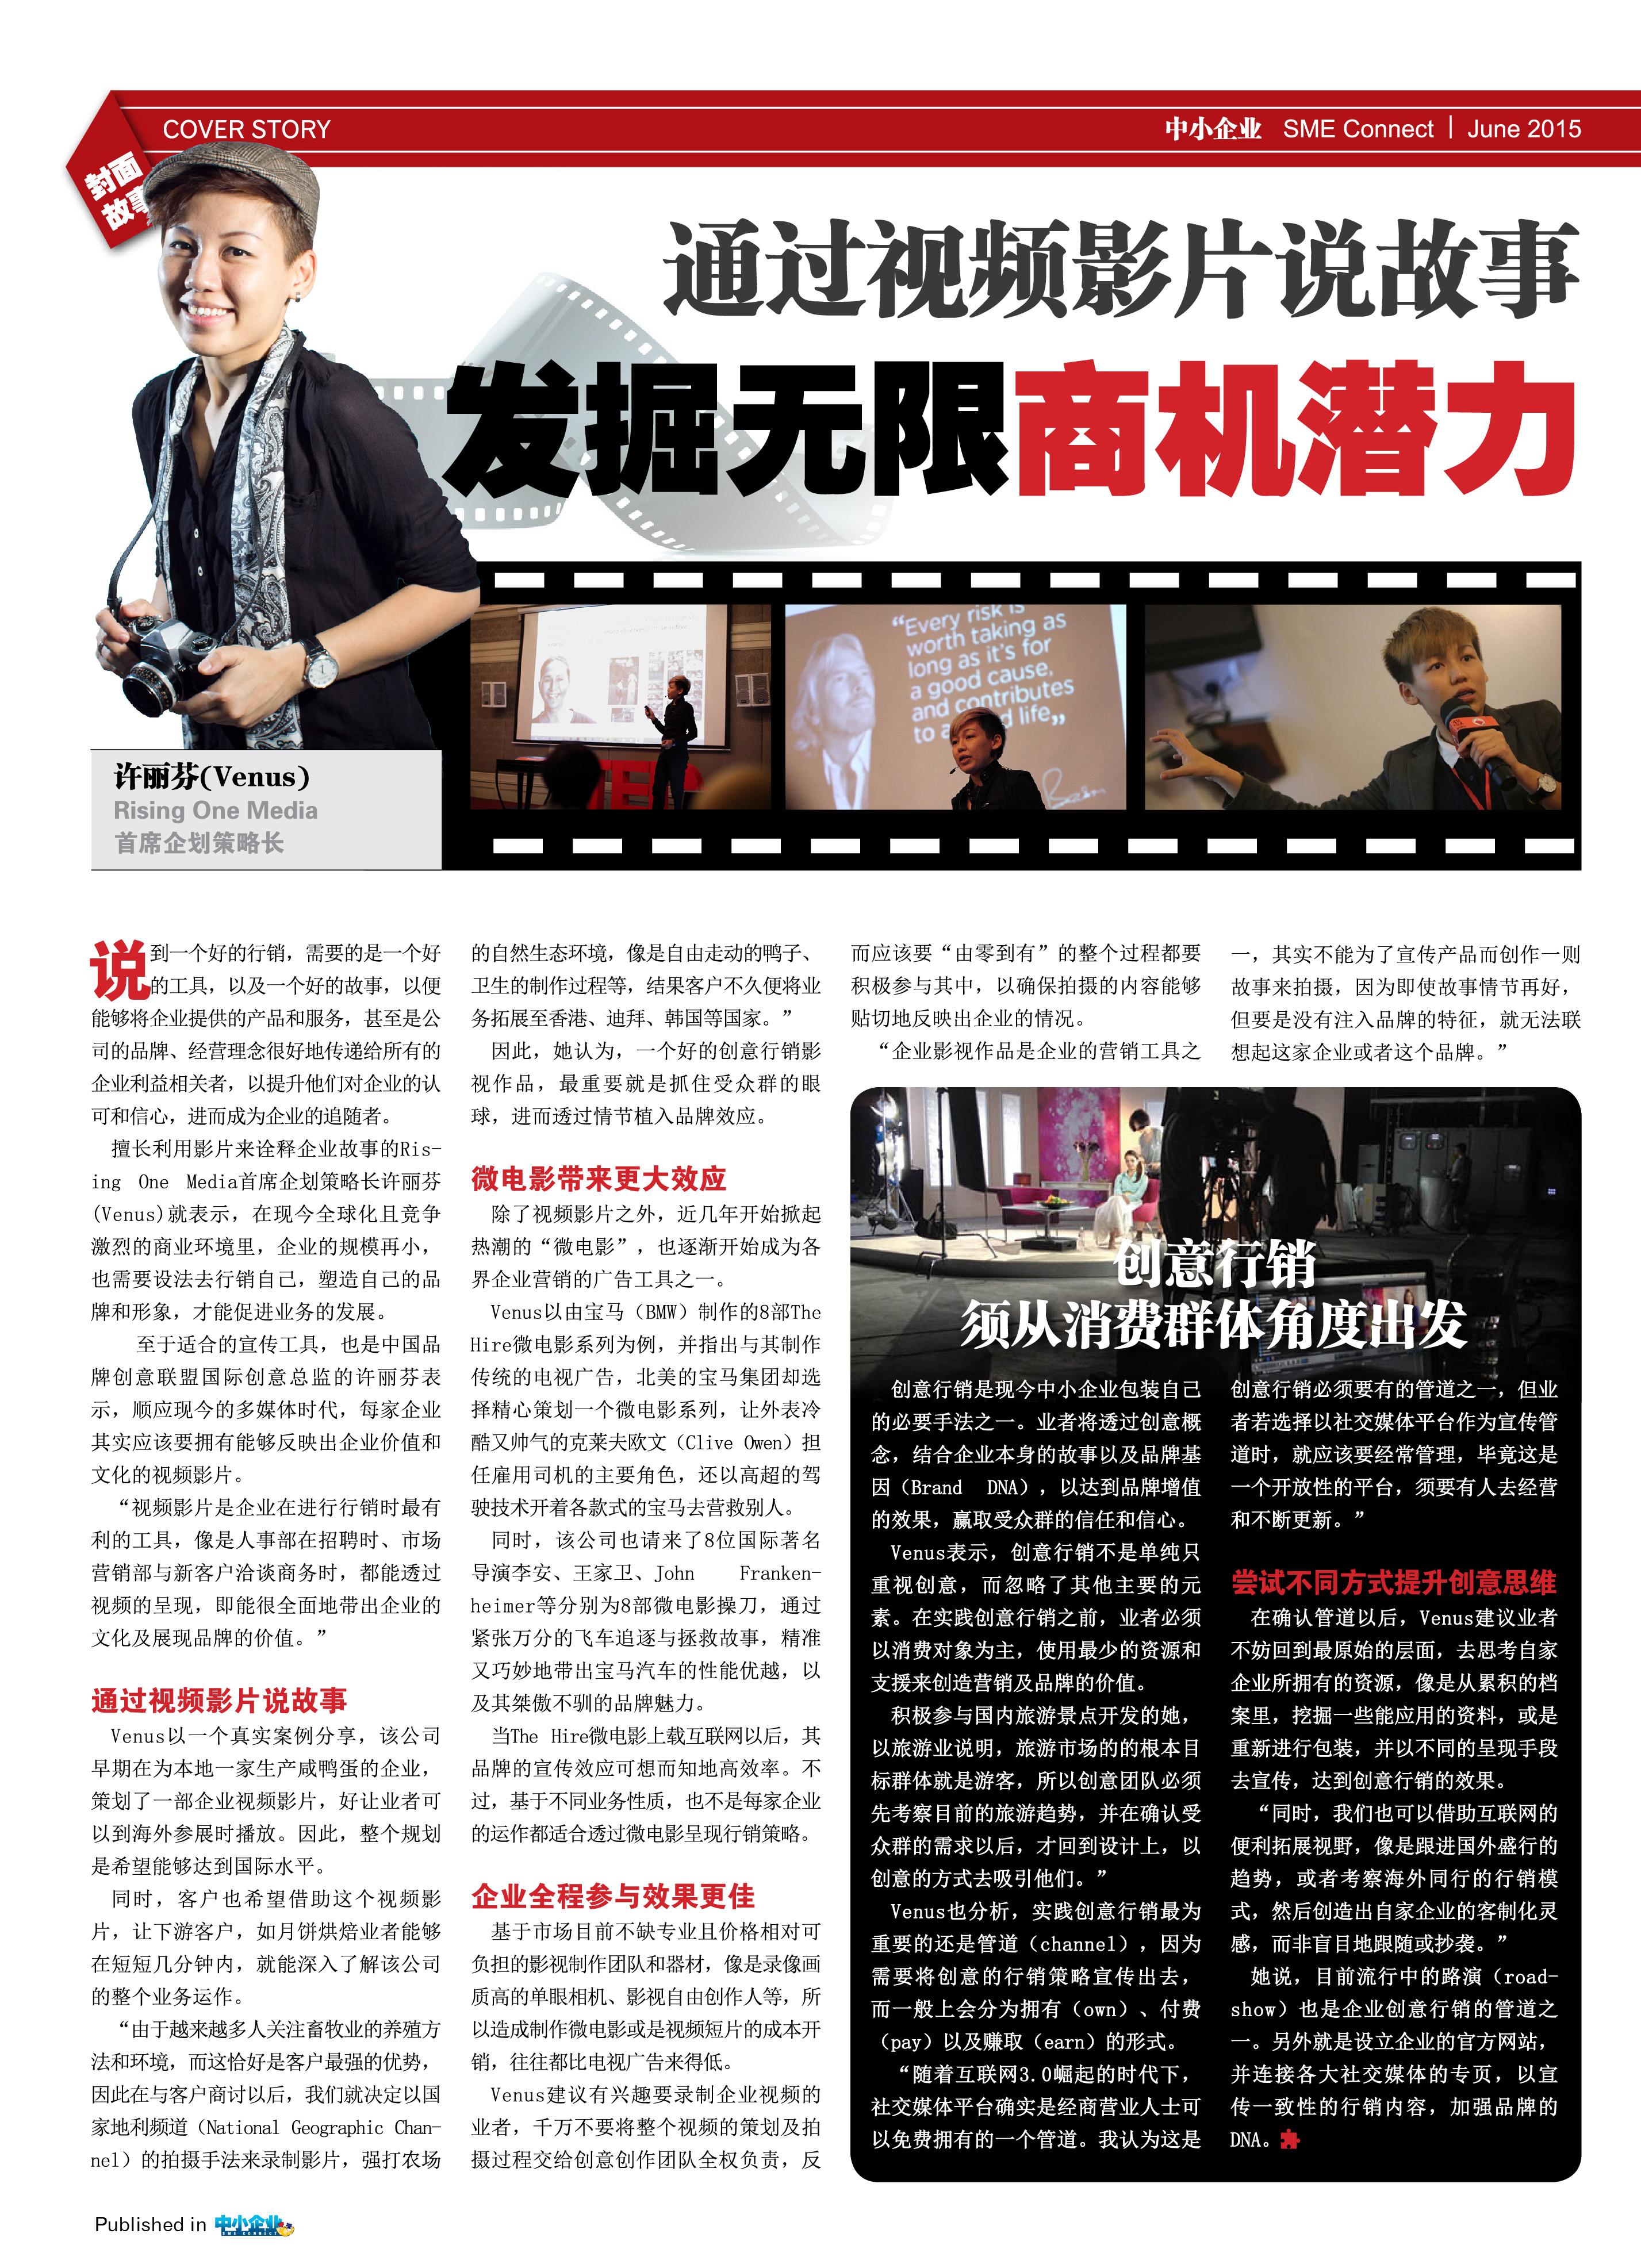 SME Vol20 Cover Story